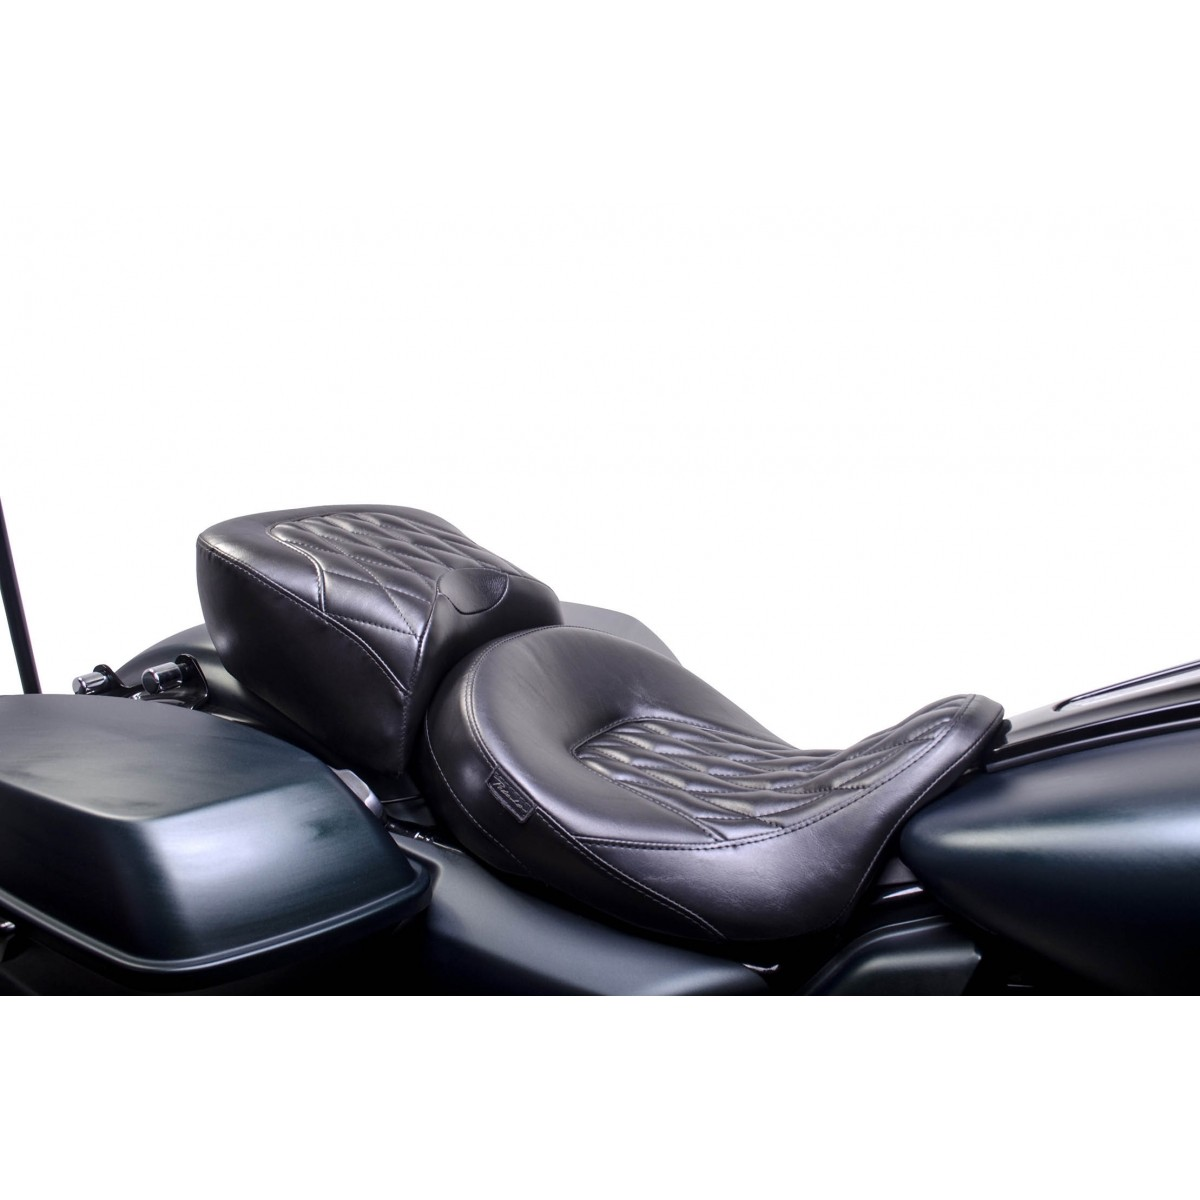 Banco Comfort Dianteiro e Traseiro Harley Davidson Touring Road King 08 a 17 - Pedrinho Bancos